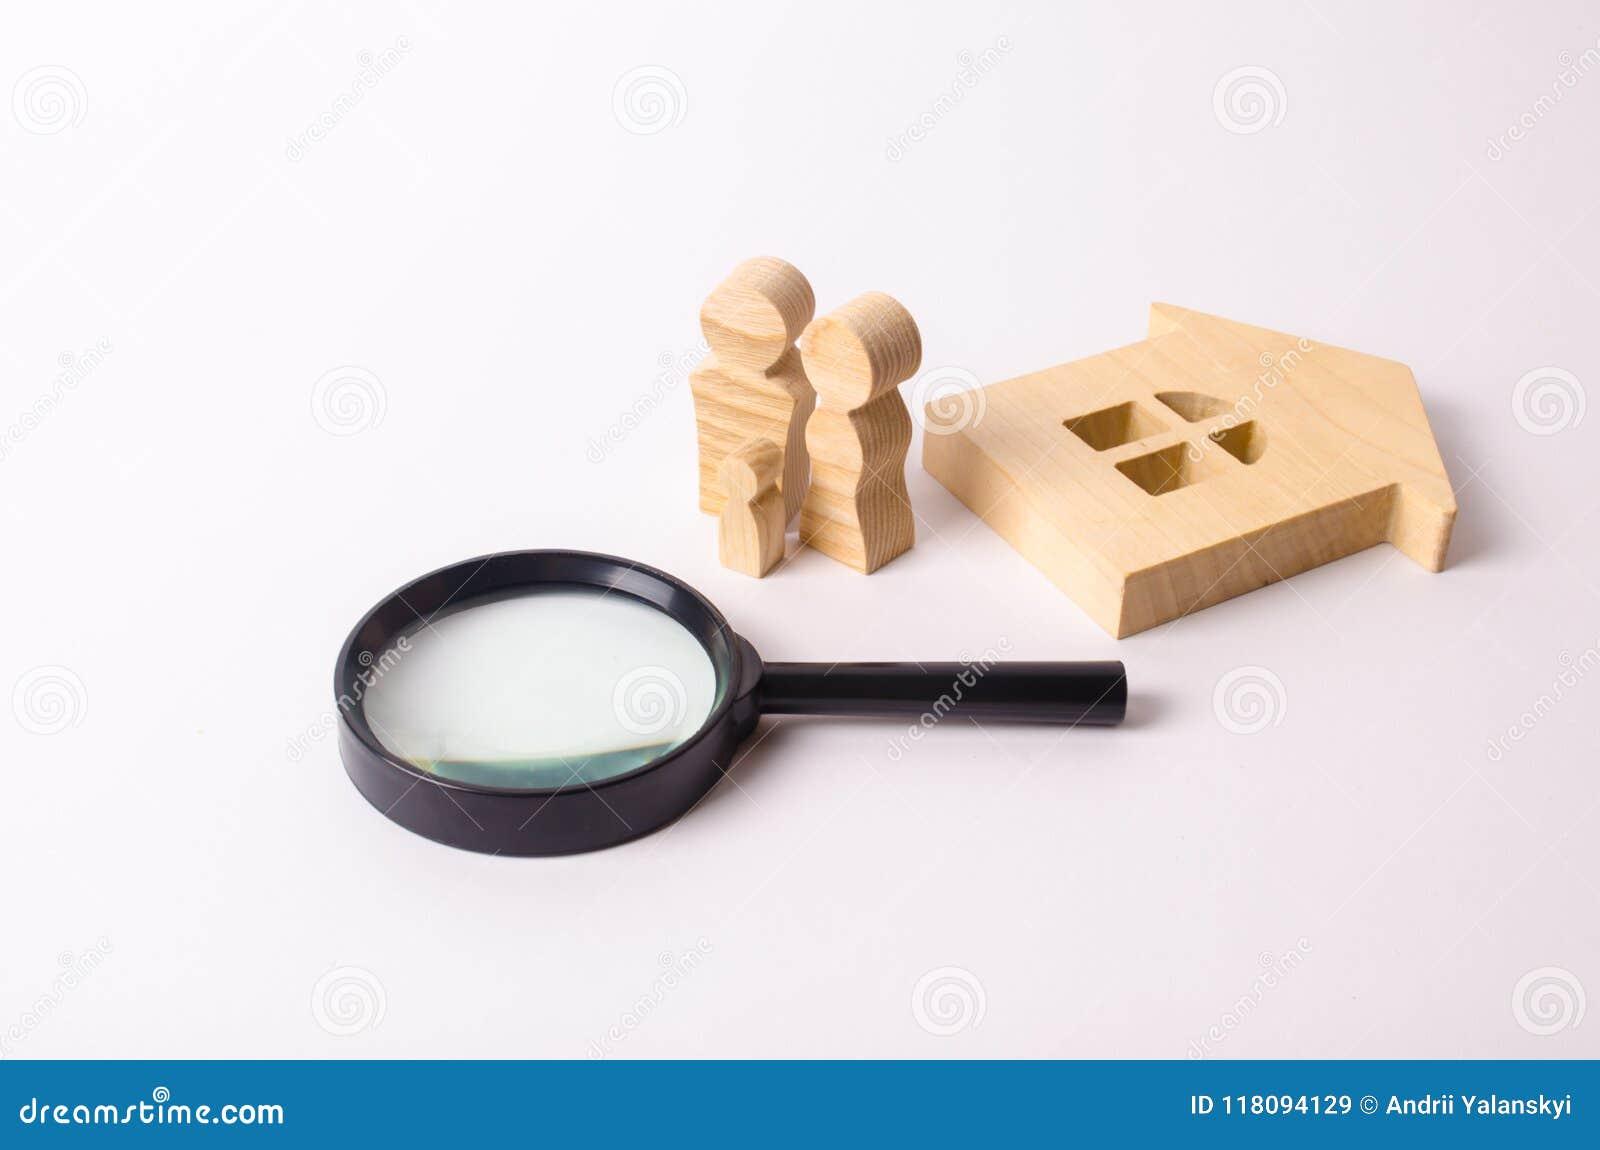 Οι ξύλινοι αριθμοί των ανθρώπων στέκονται κοντά σε ένα ξύλινο σπίτι και μια ενίσχυση - γυαλί Η έννοια της εγχώριων αναζήτησης, τη